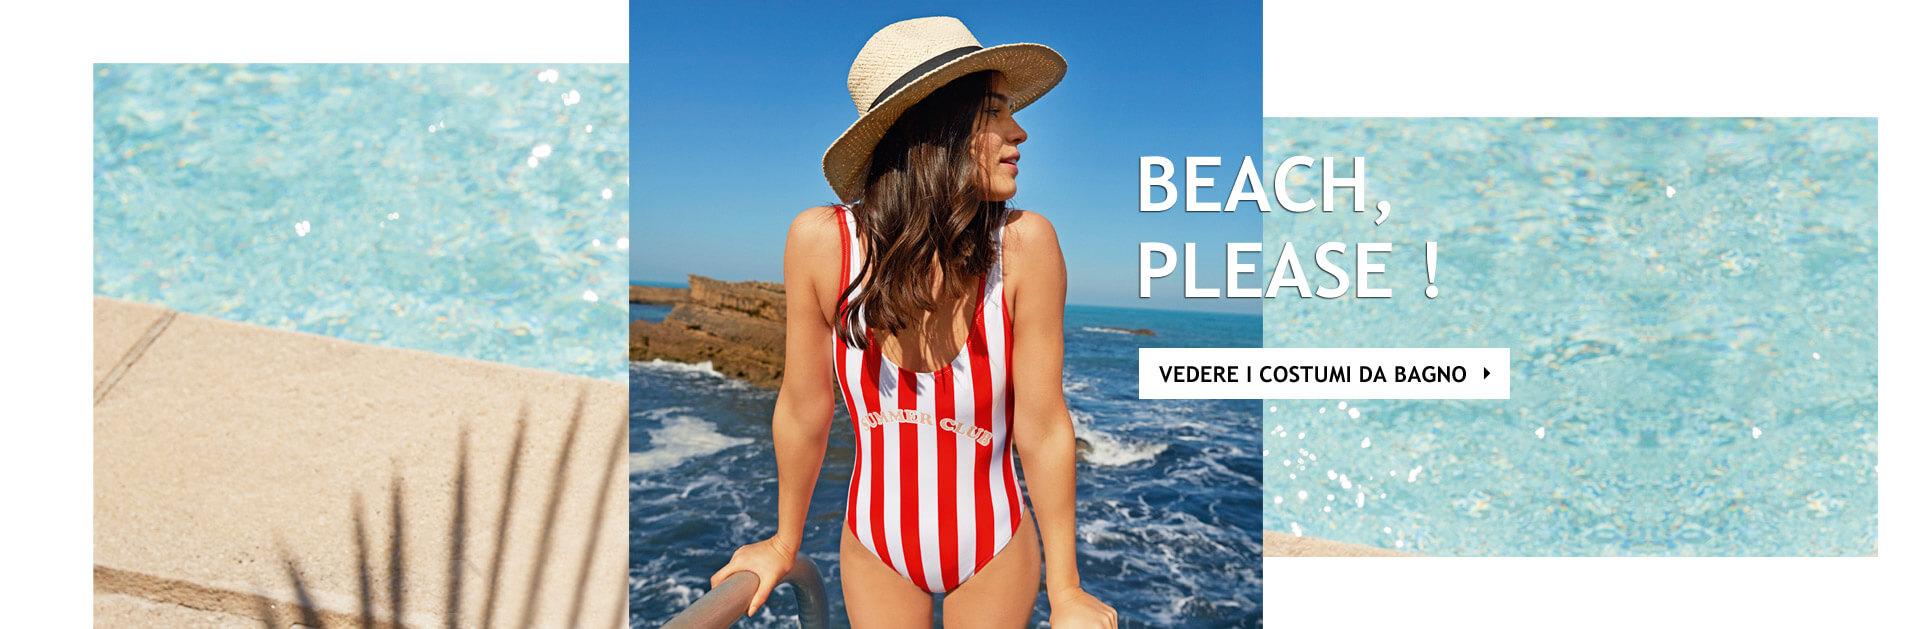 BEACH, PLEASE !